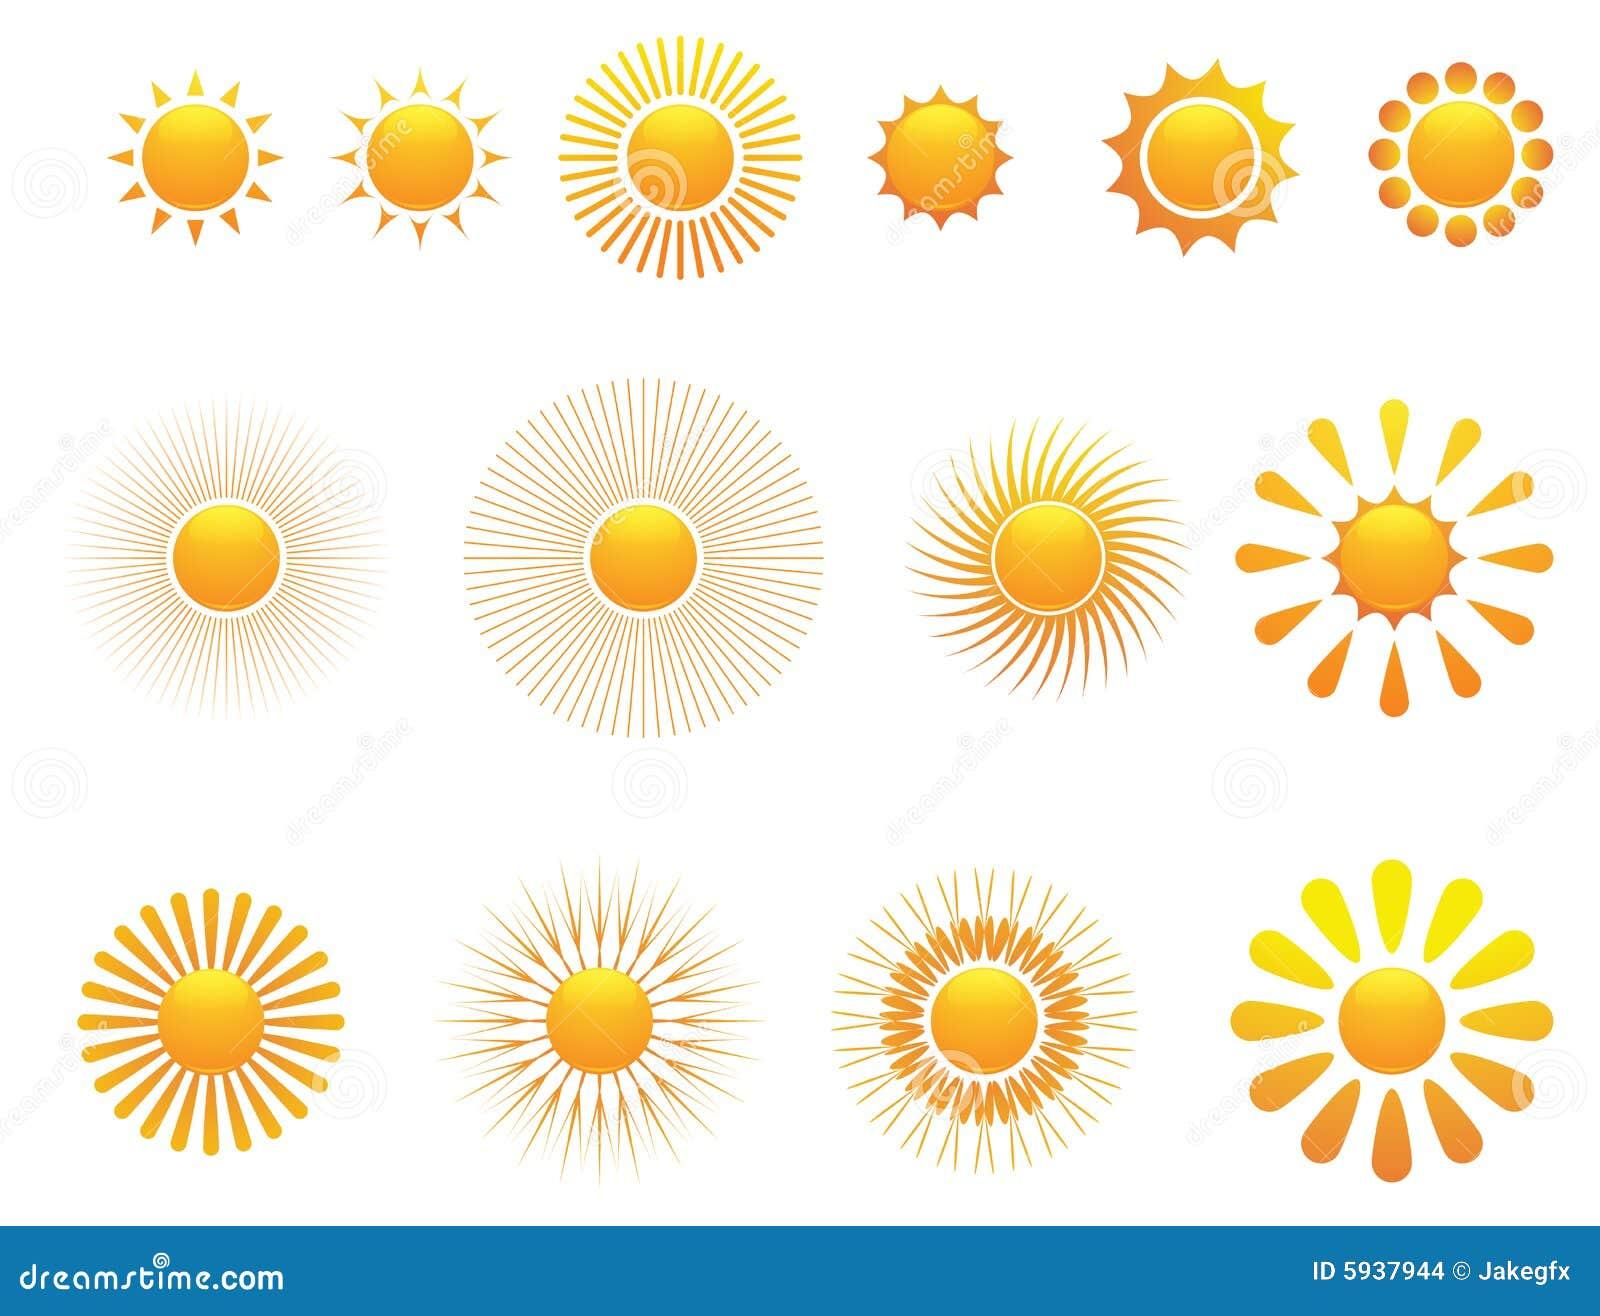 conjunto del sol vector imagenes de archivo imagen 5937944. Black Bedroom Furniture Sets. Home Design Ideas